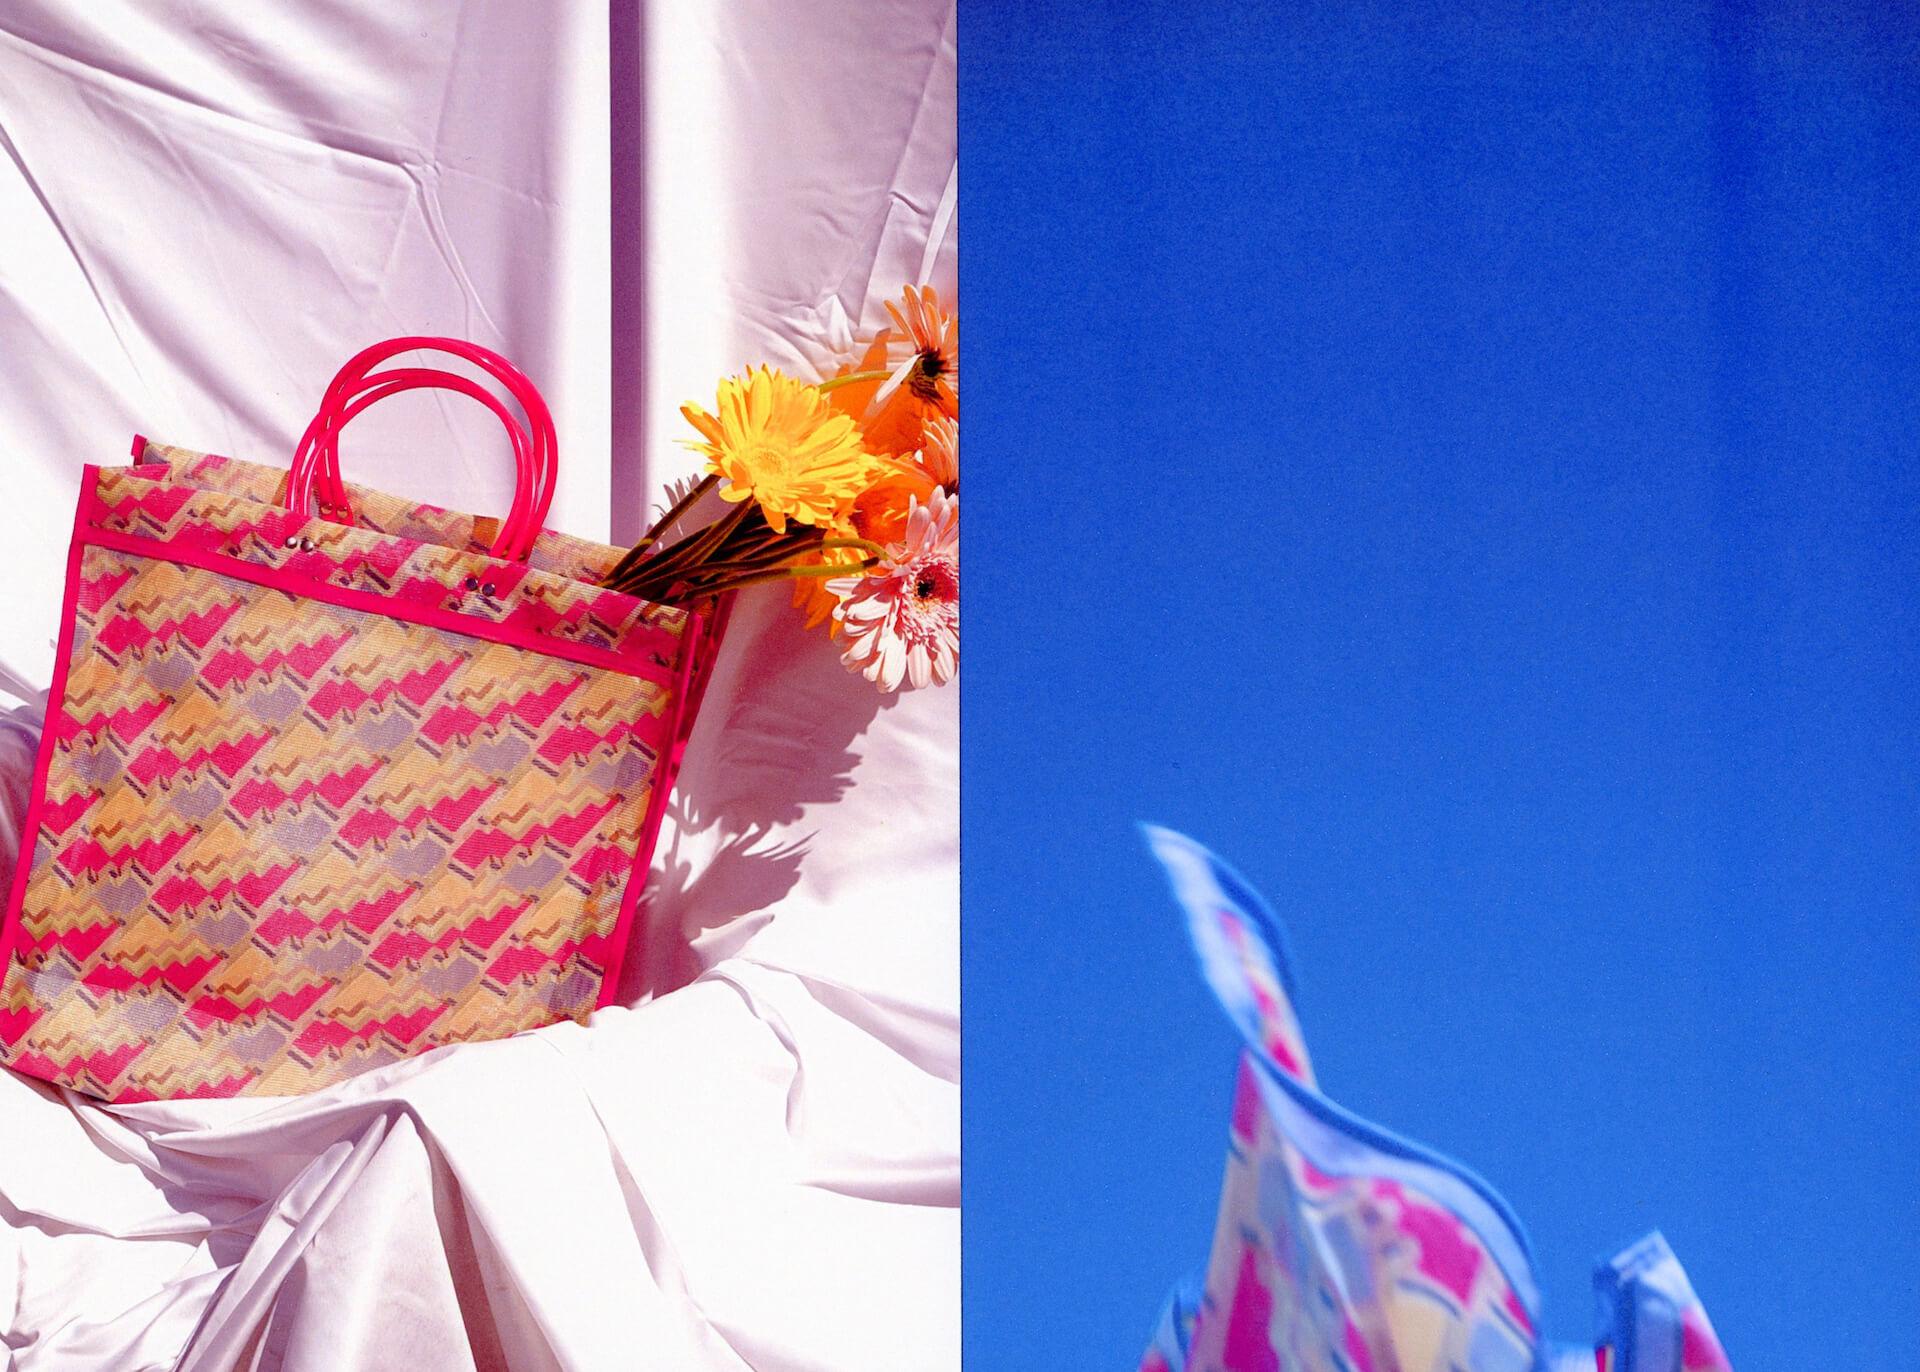 向井太一『COLORLESS』リリース記念!デザイナー・KEISUKE SHODAとのコラボグッズが発売開始! music210513_mukai-taichi-210513_9